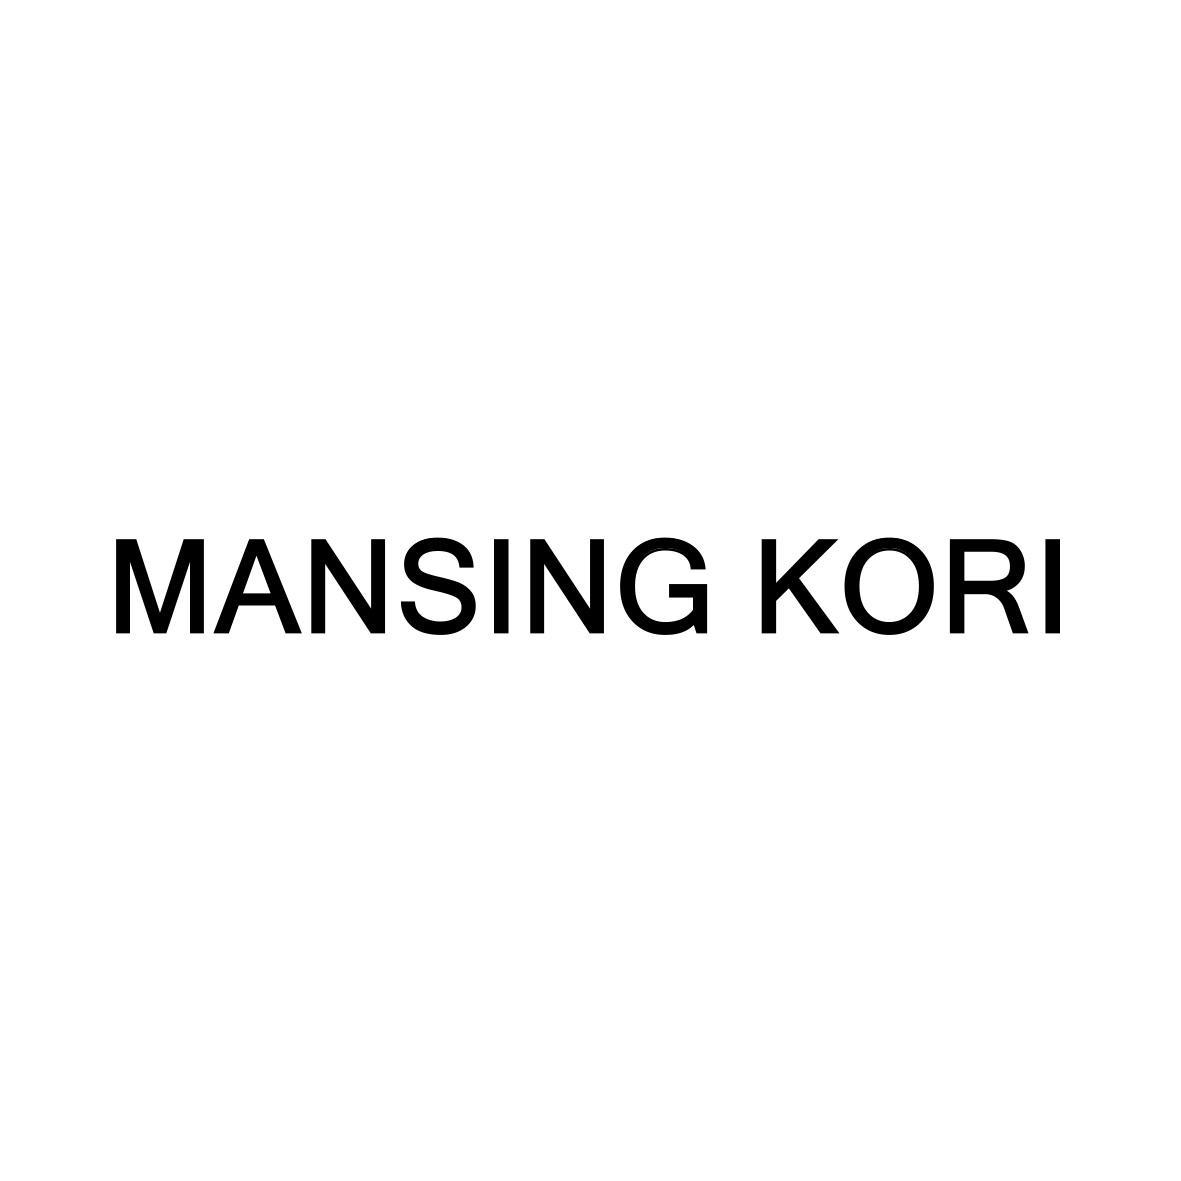 MANSING KORI